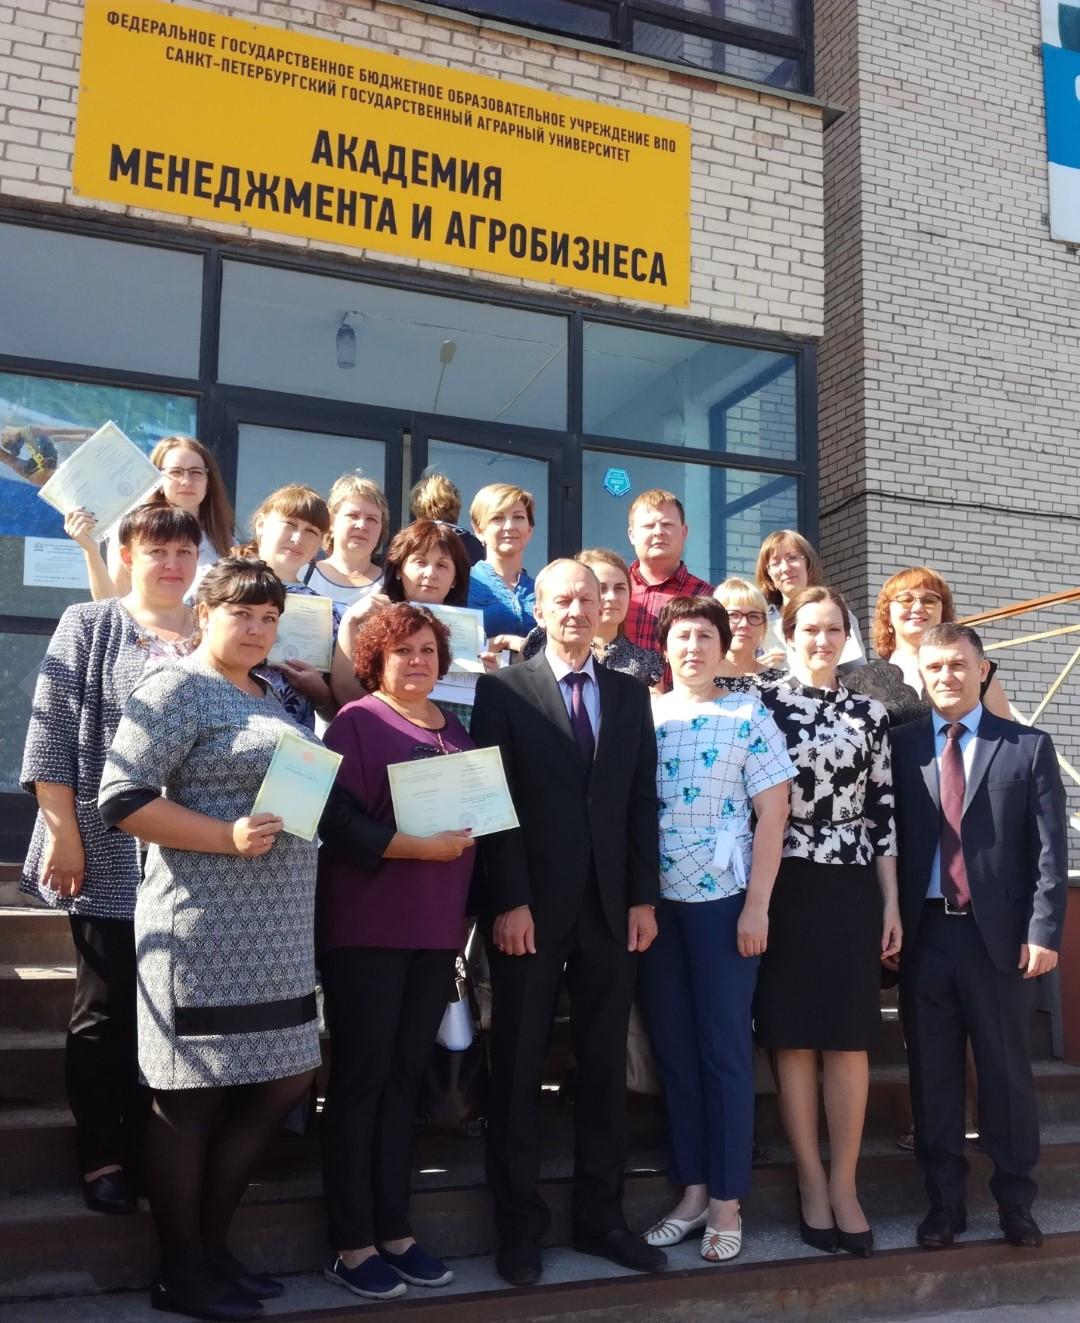 Повышение квалификации специалистов АПК Свердловской области